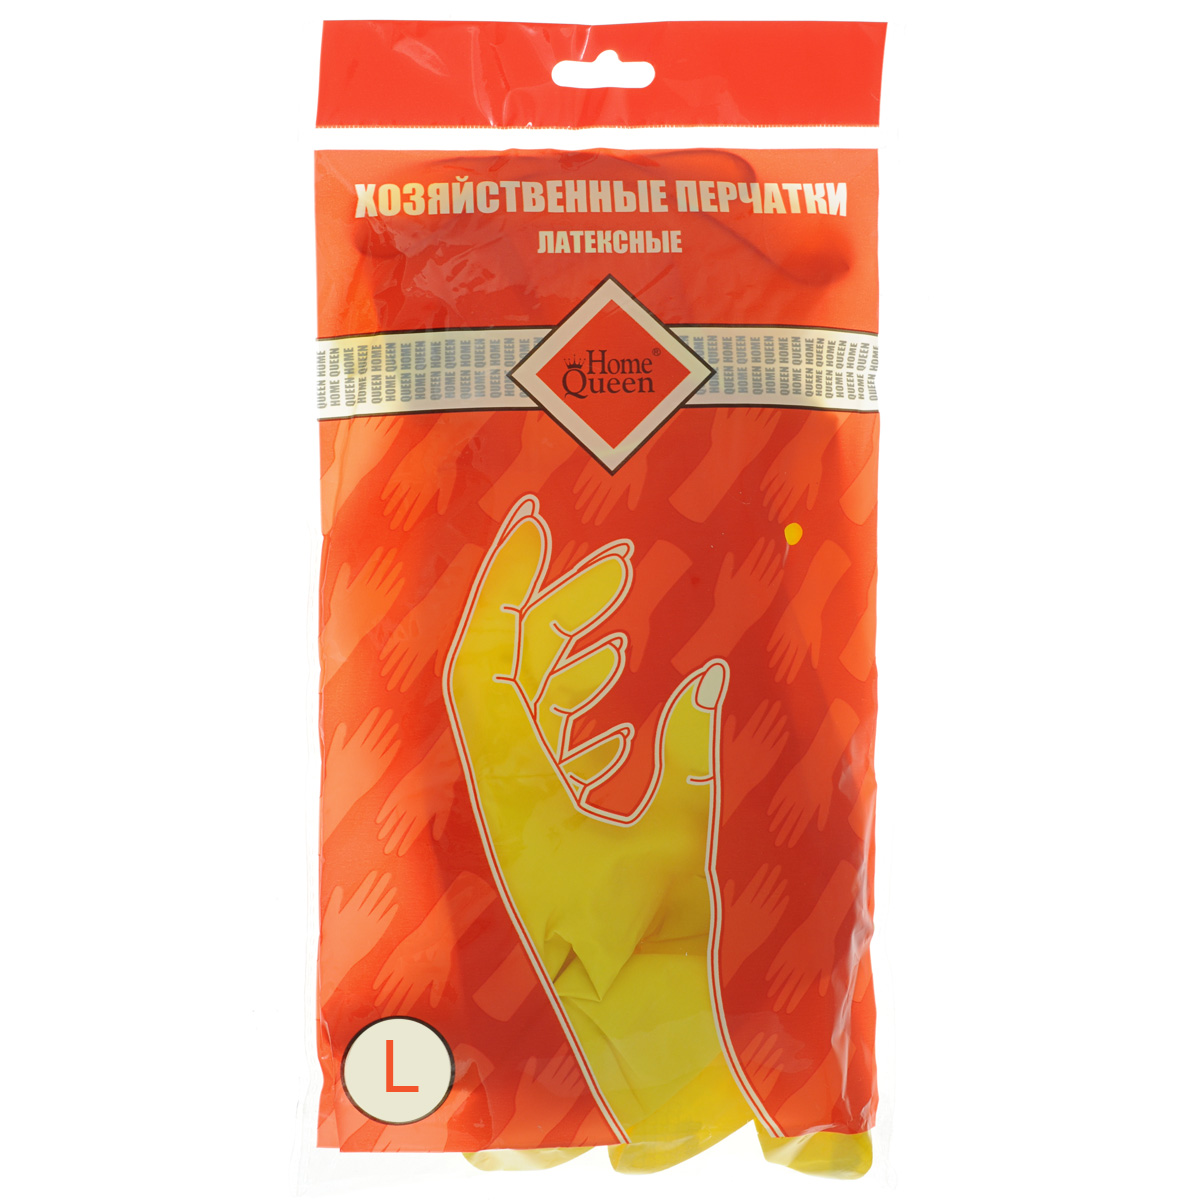 Перчатки латексные Home Queen. Размер L49Перчатки Home Queen защитят ваши руки от воздействия бытовой химии и грязи. Подойдут для всех видов хозяйственных работ. Выполнены из латекса.